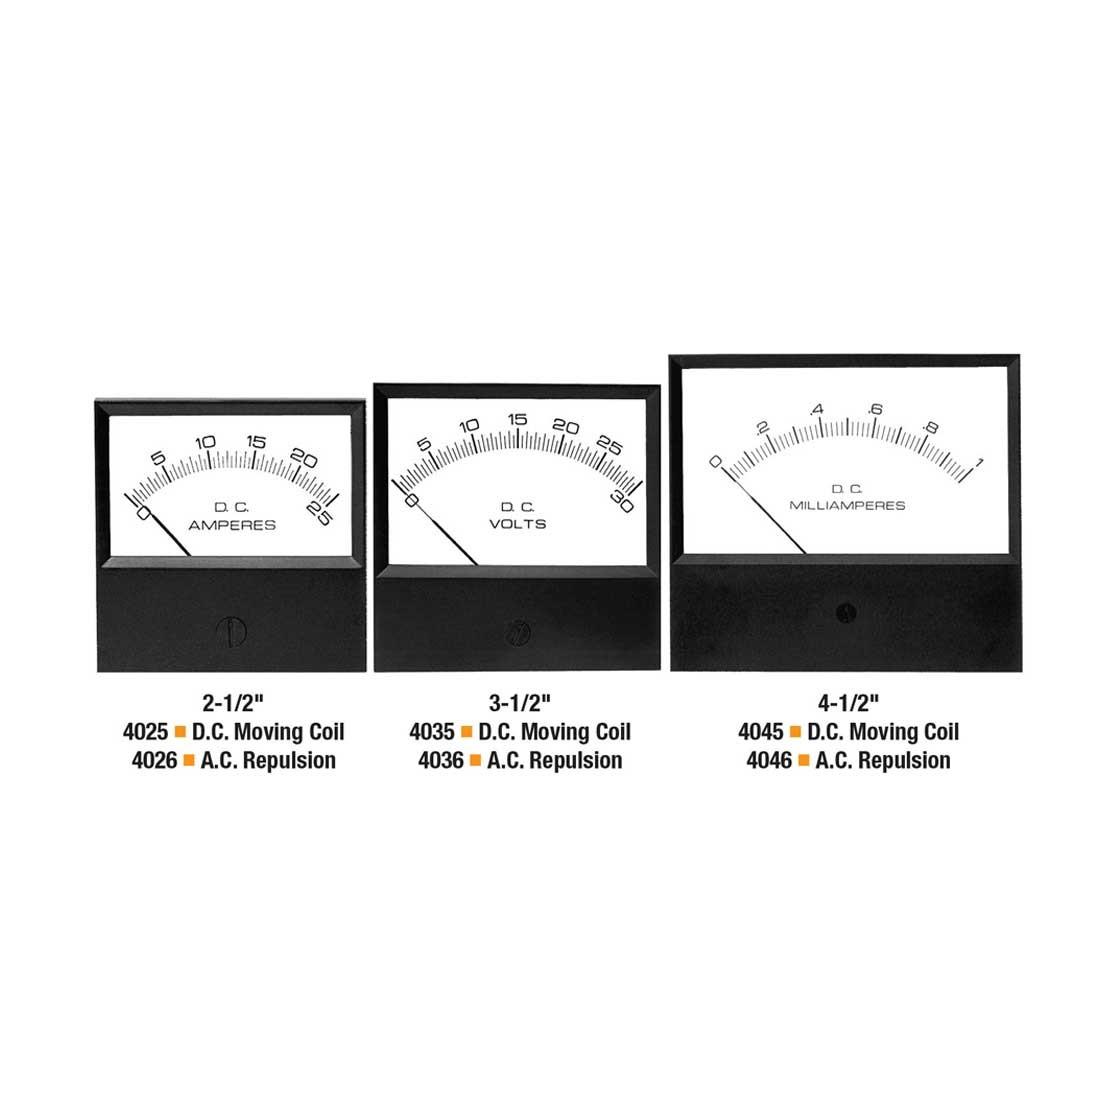 4045 DC Analog Panel Meter - Front View